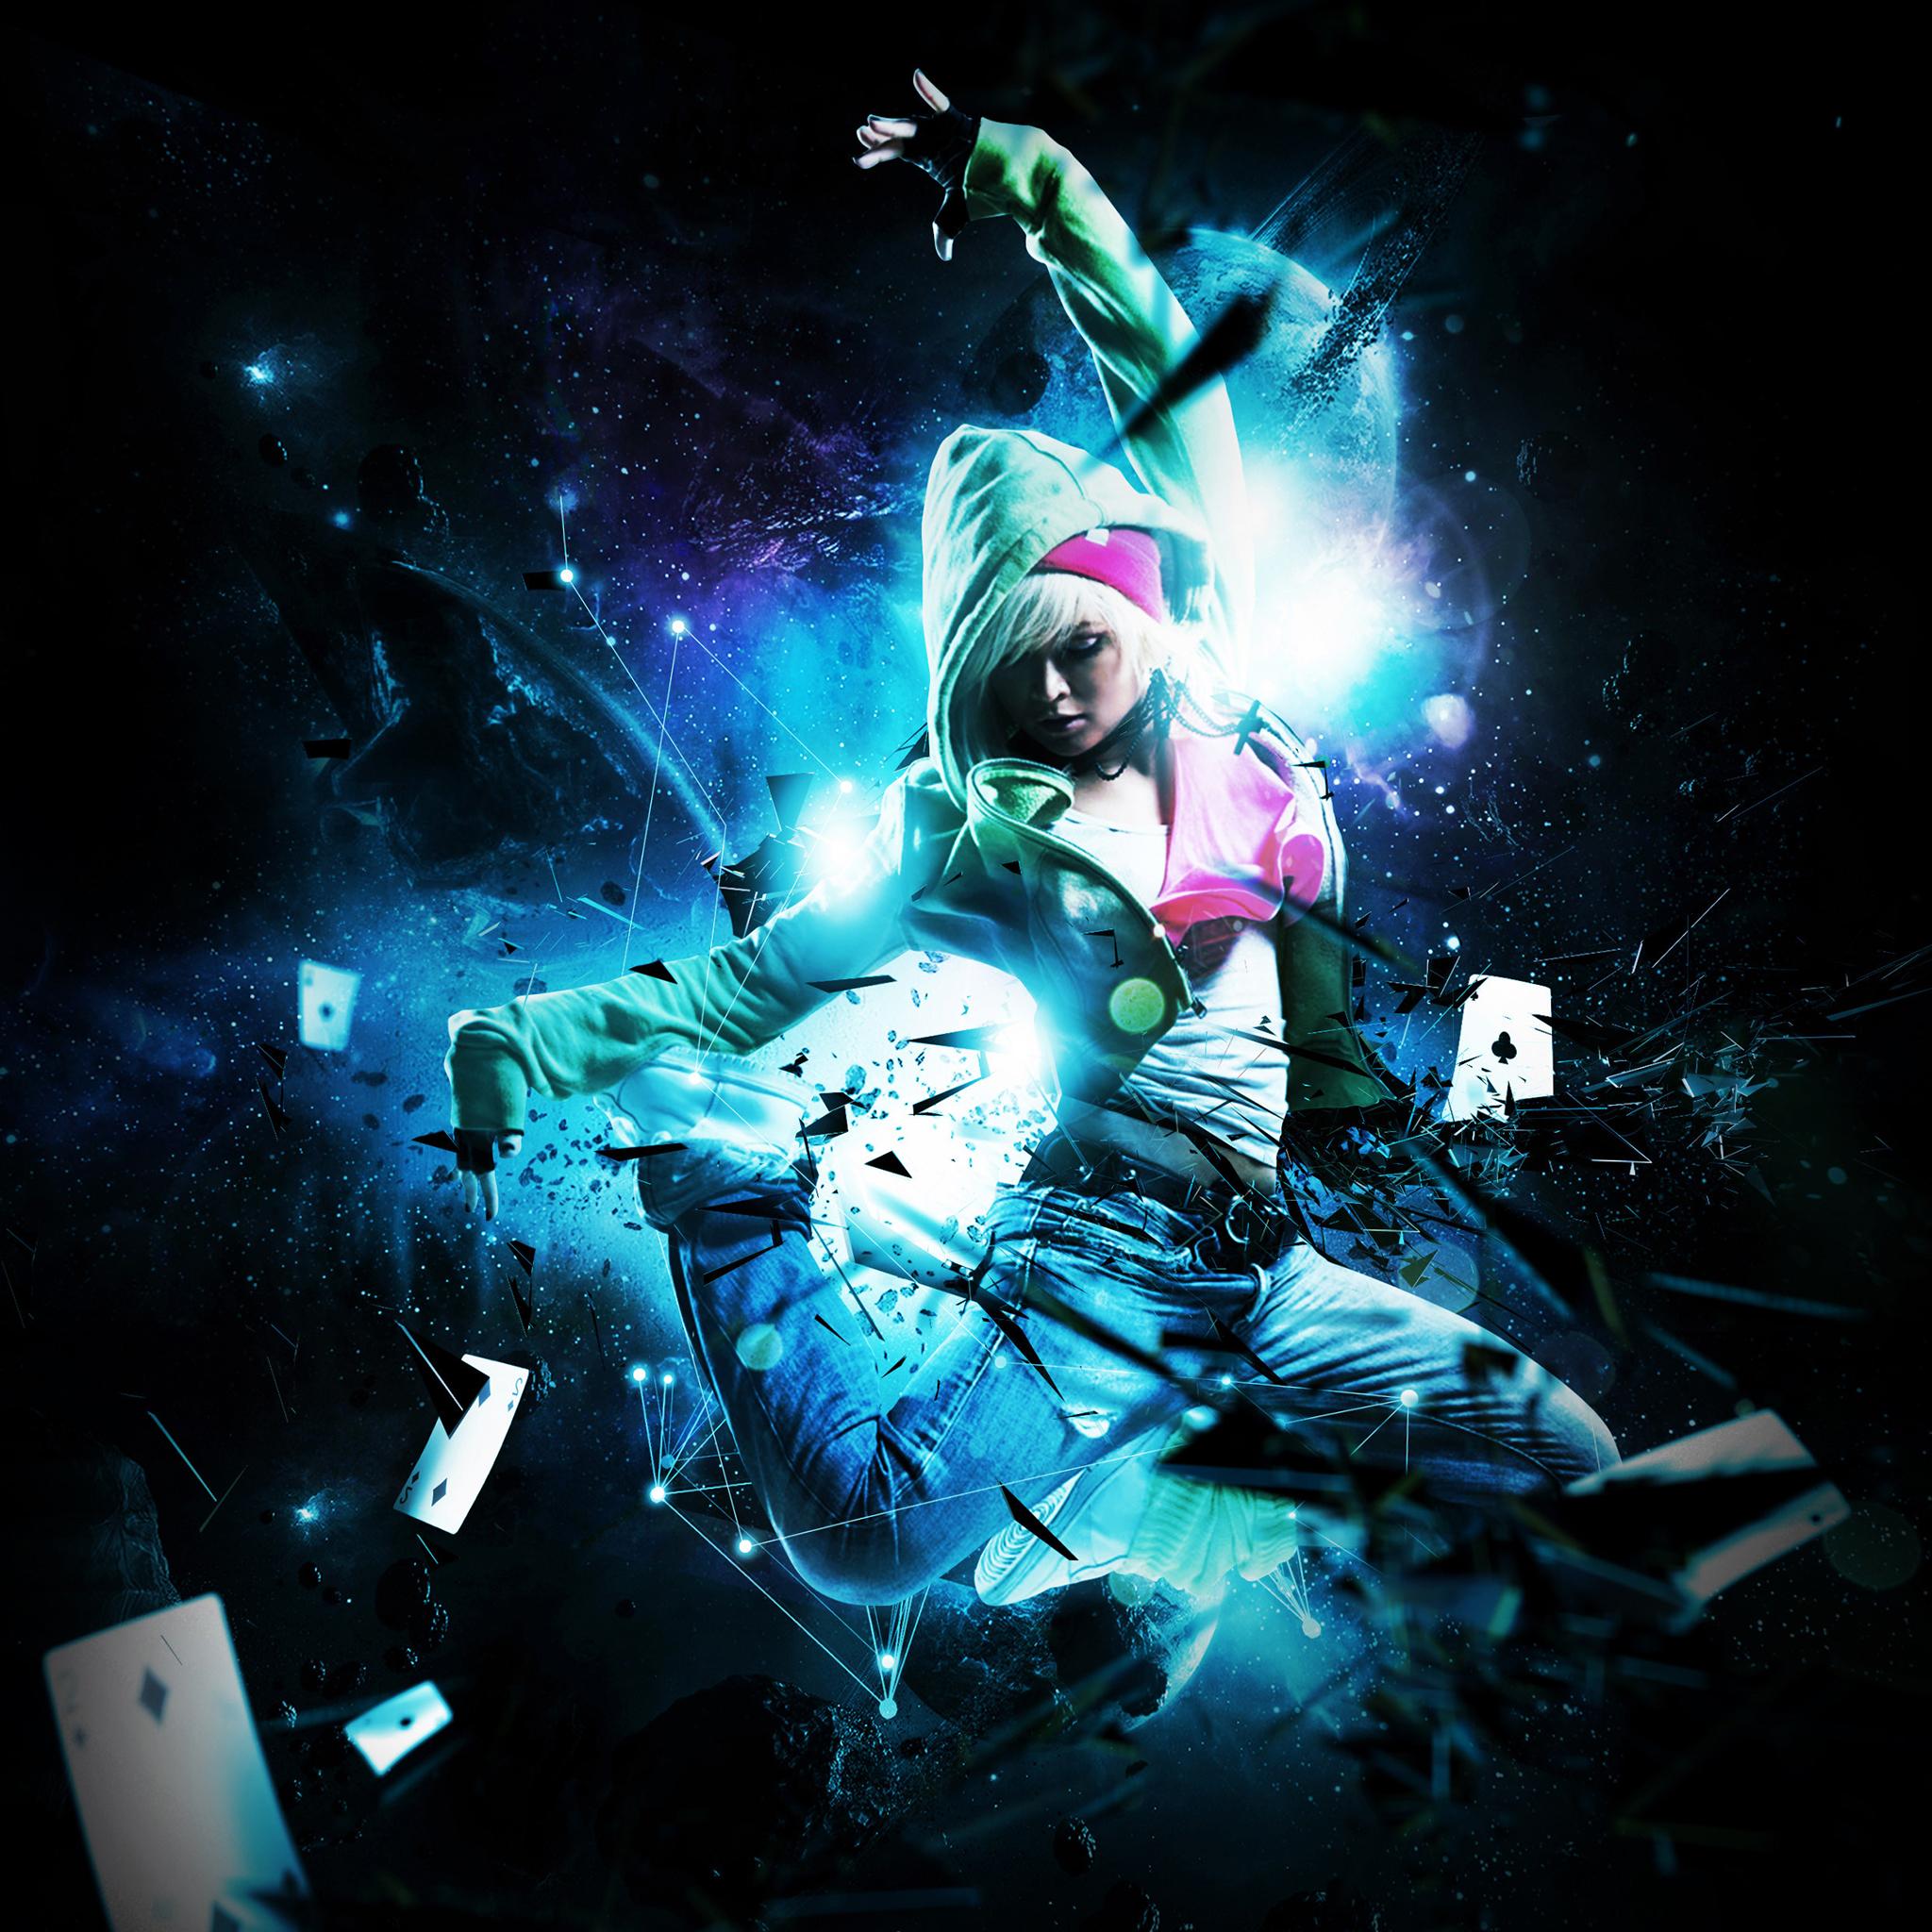 Hip Hop Dance Blue Light 3Wallpapers iPad Retina Hip Hop Dance Blue Light   iPad Retina